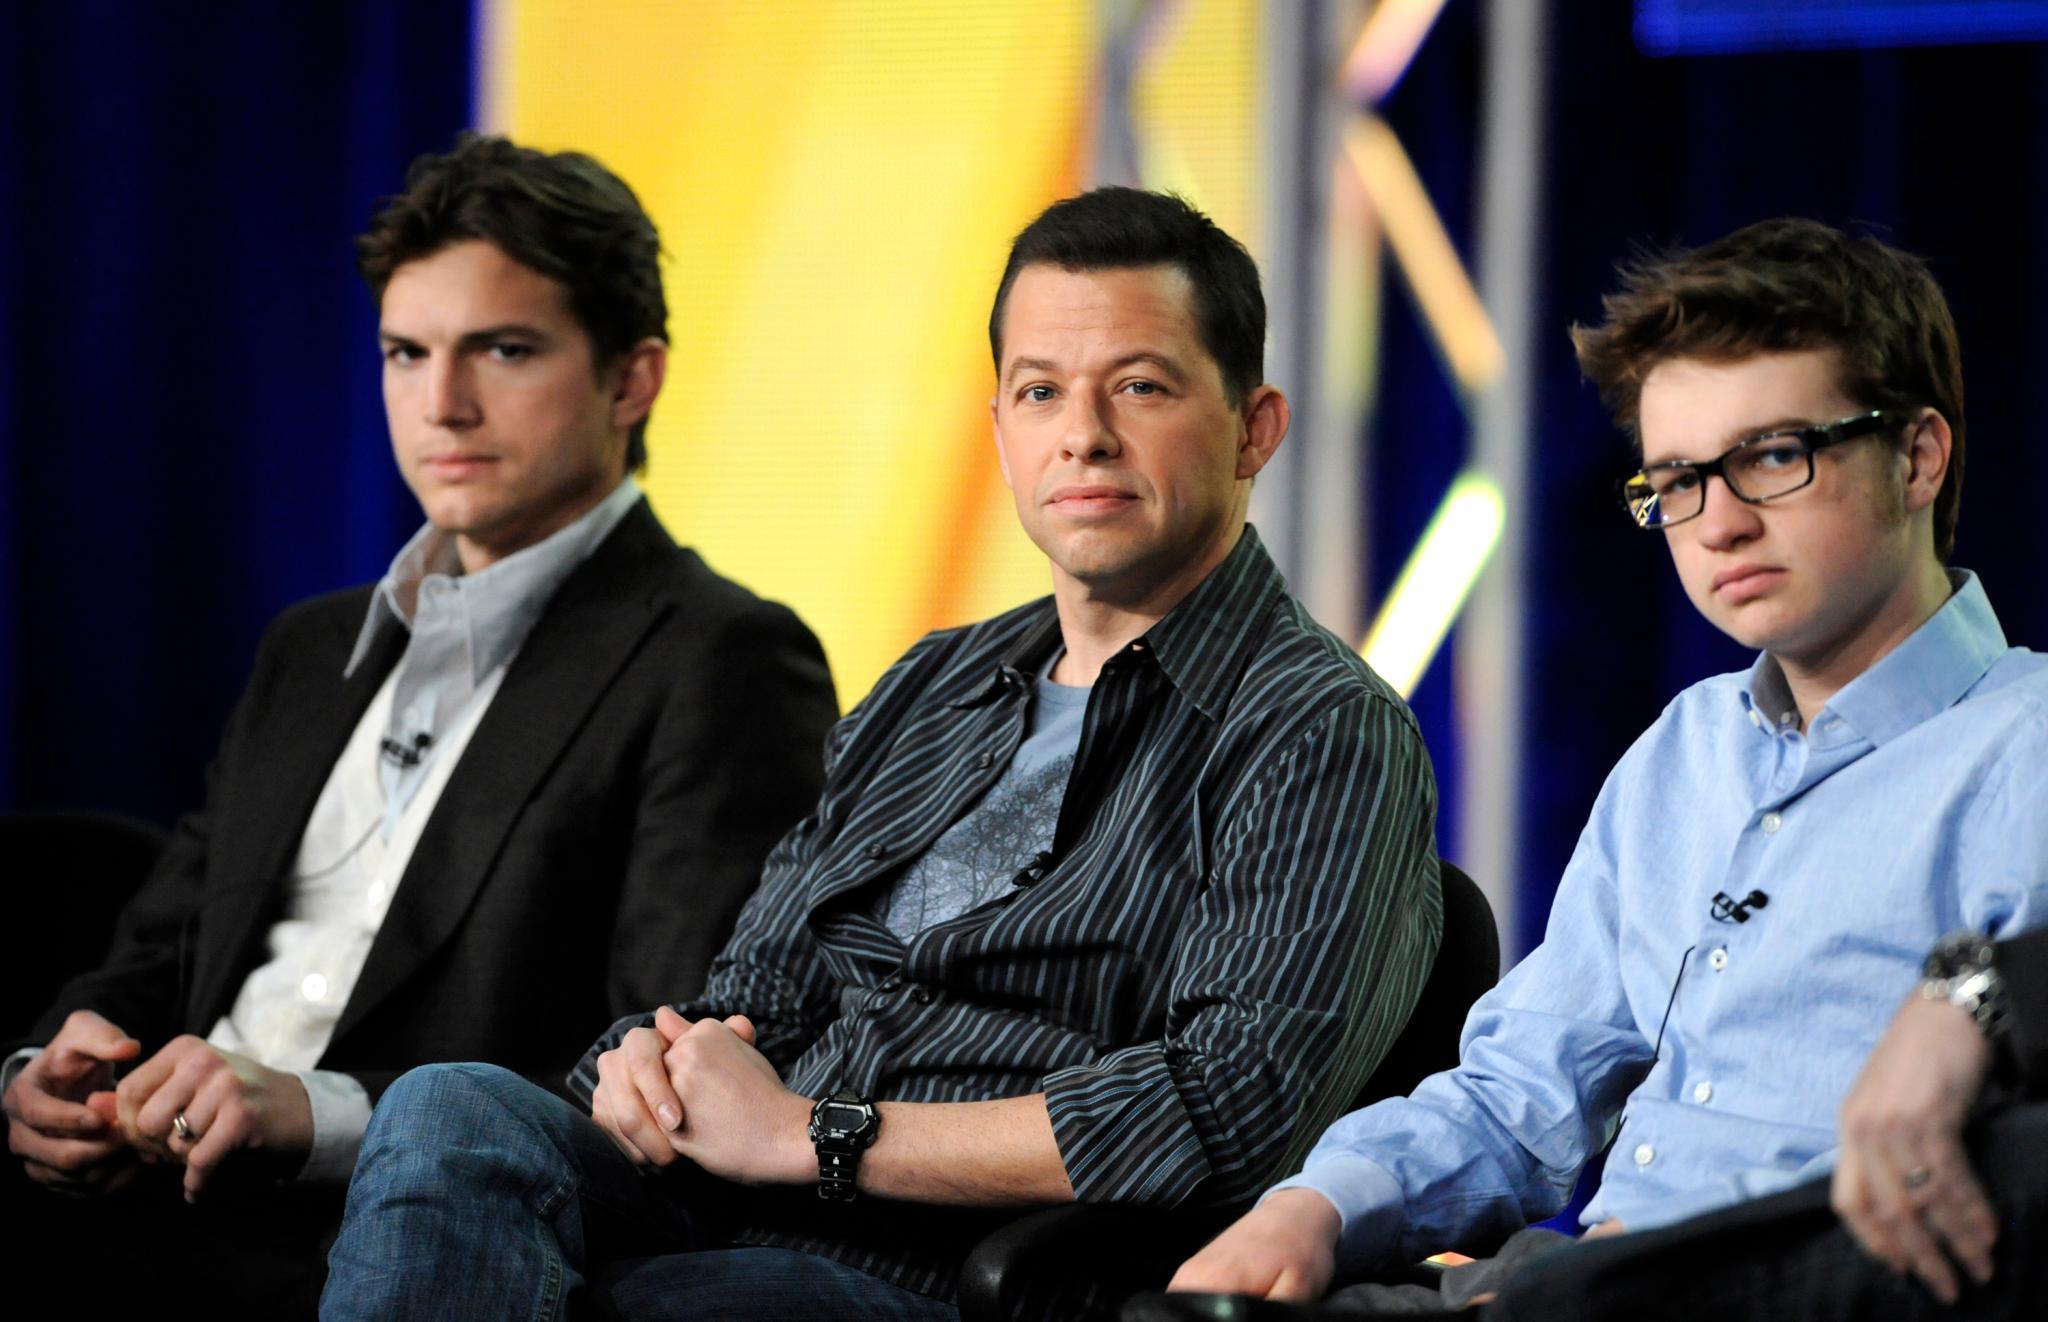 """Die """"Two And A Half Men""""-Darsteller Ashton Kutcher, John Cryer und Angus T. Jones bei einer Pressekonferenz in Pasadena im Januar 2012."""